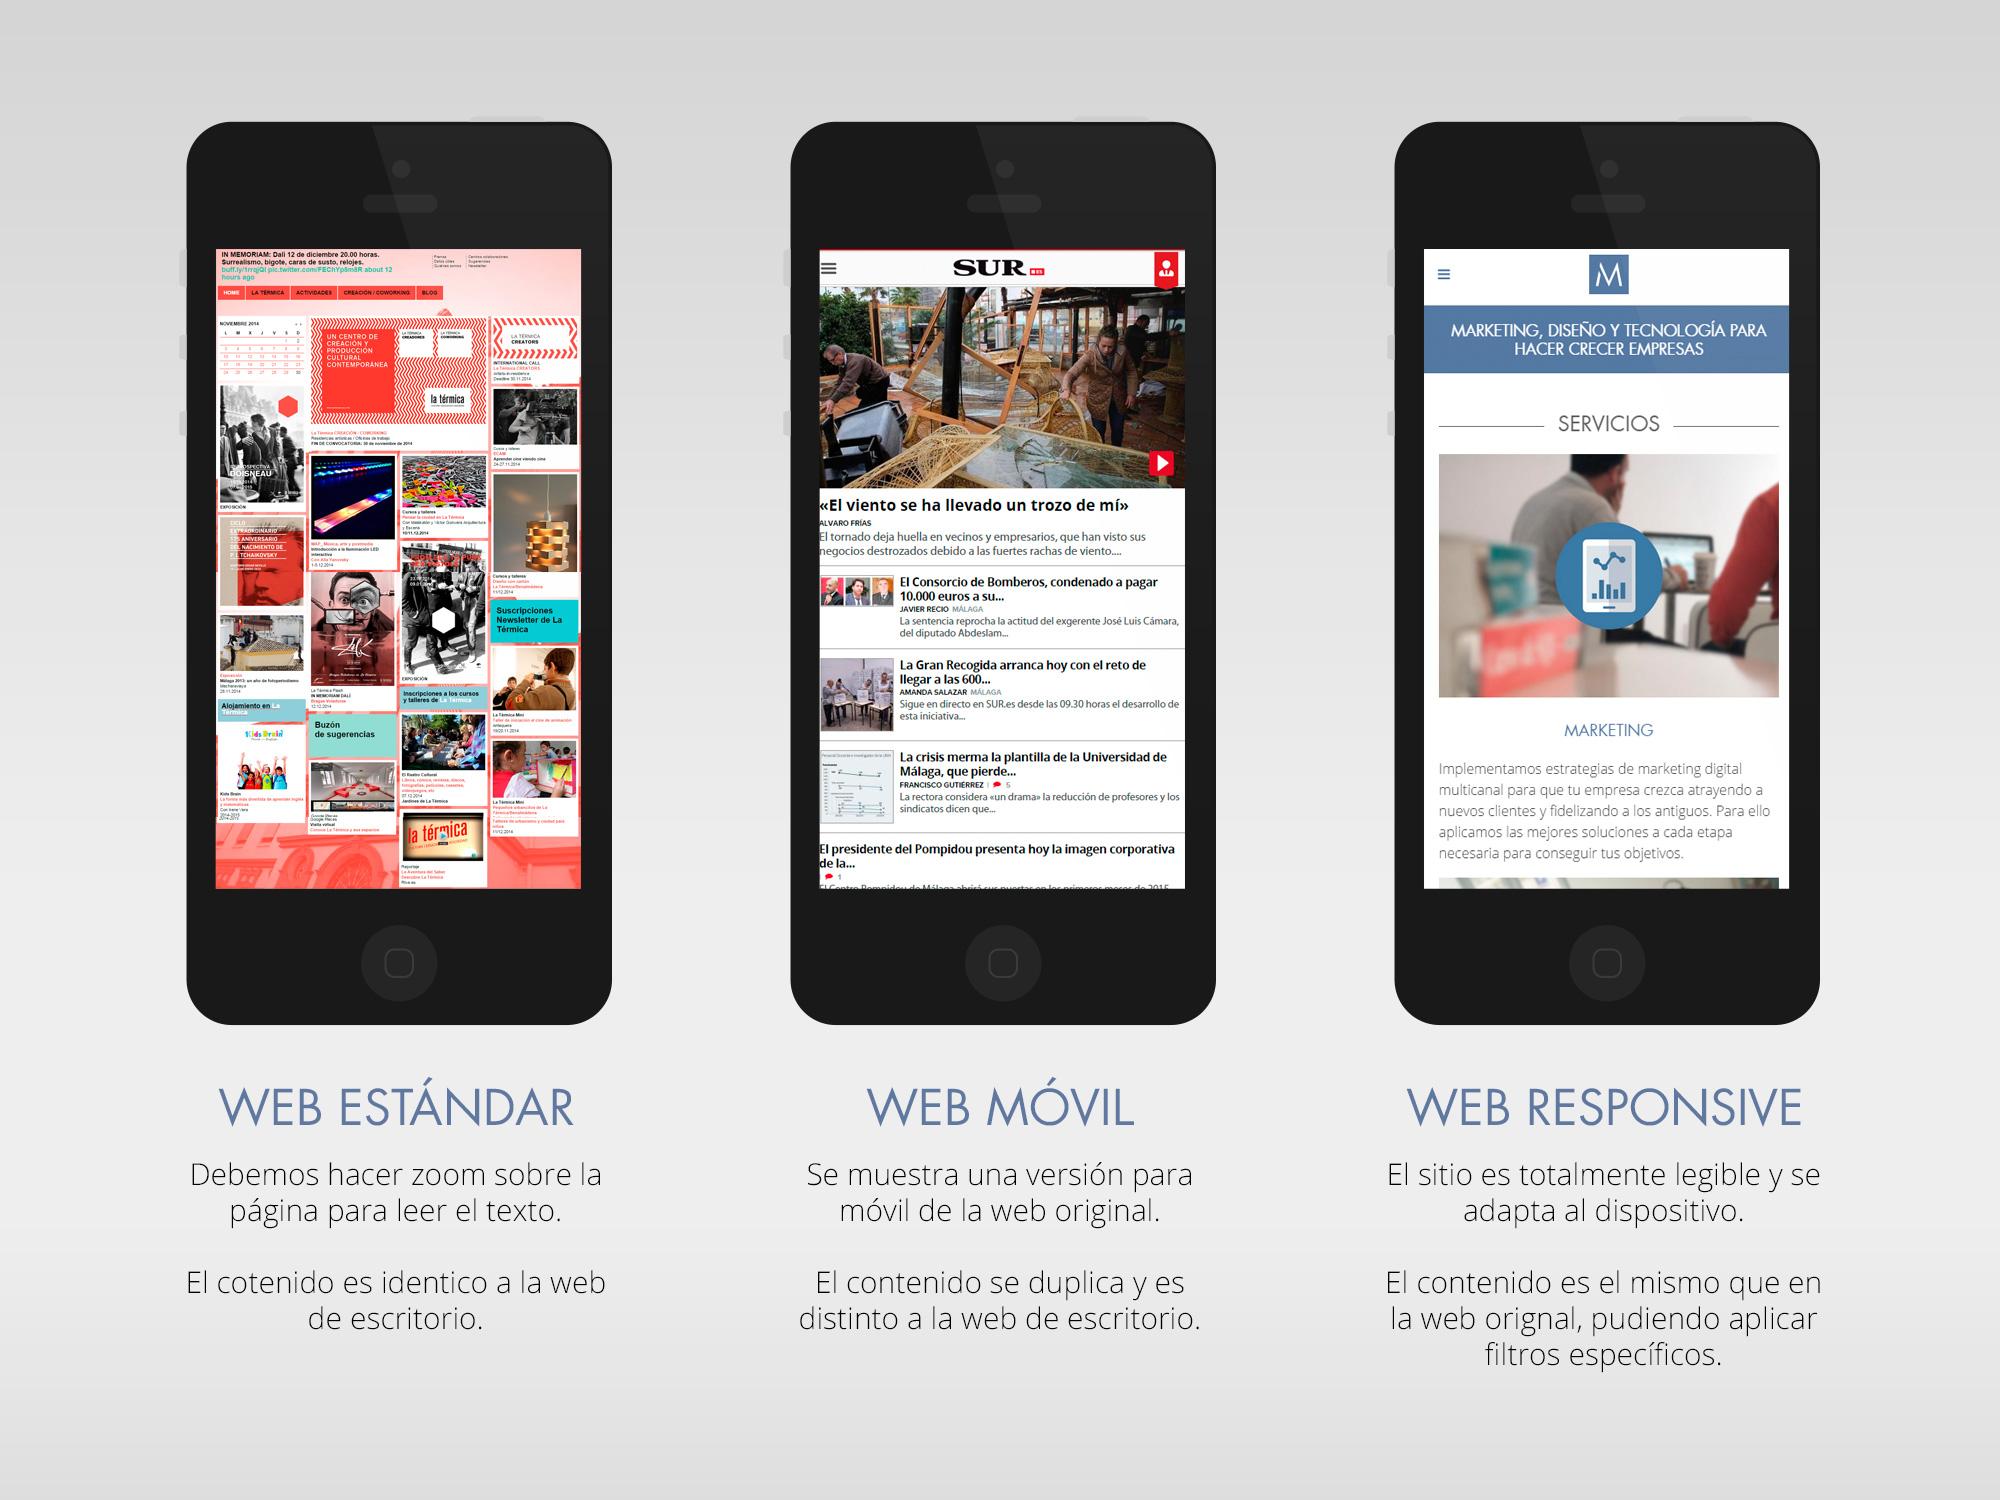 Comparativa entre web estándar, móvil y responsive